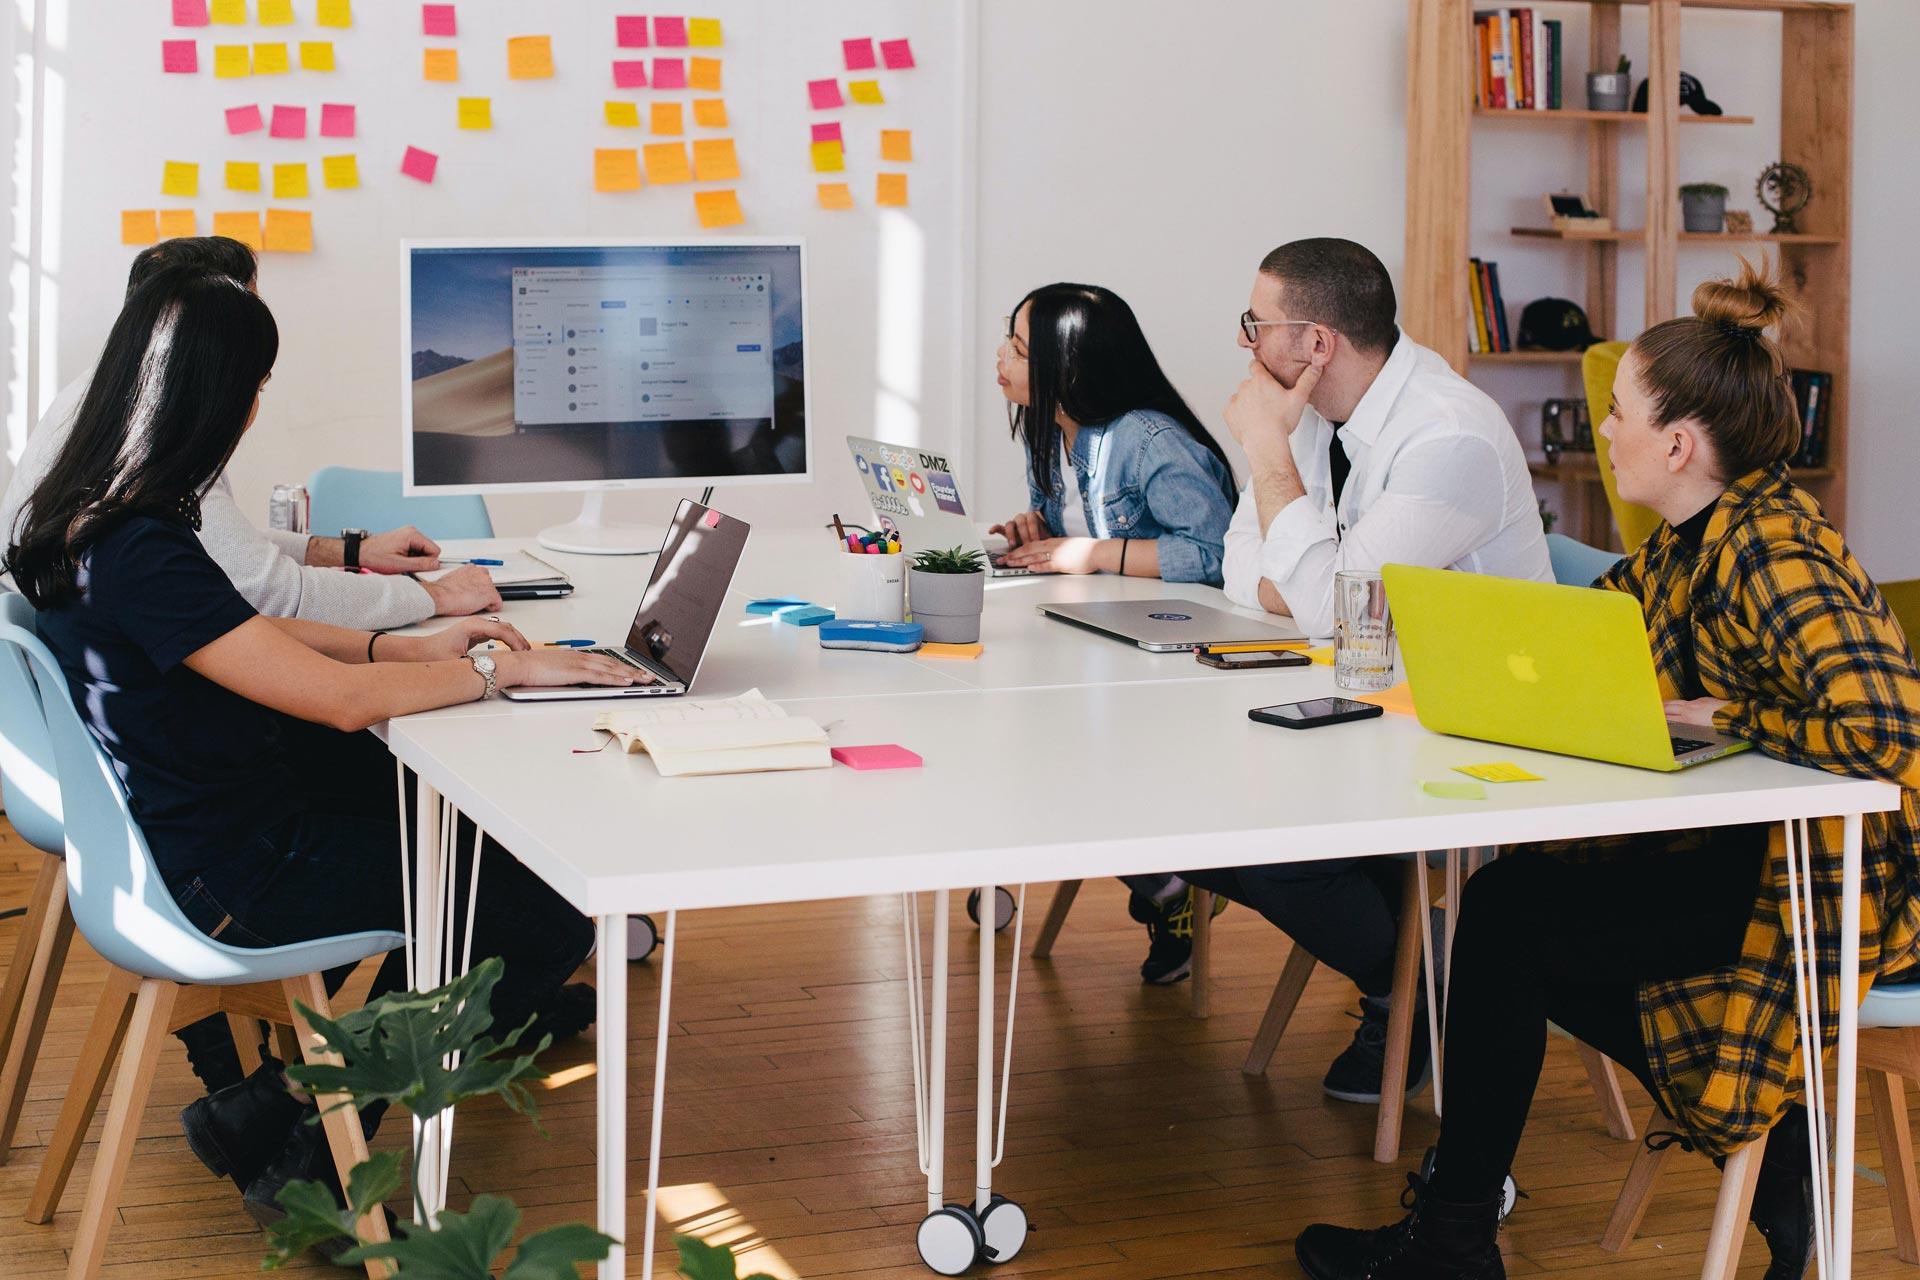 Team Working Around Desk